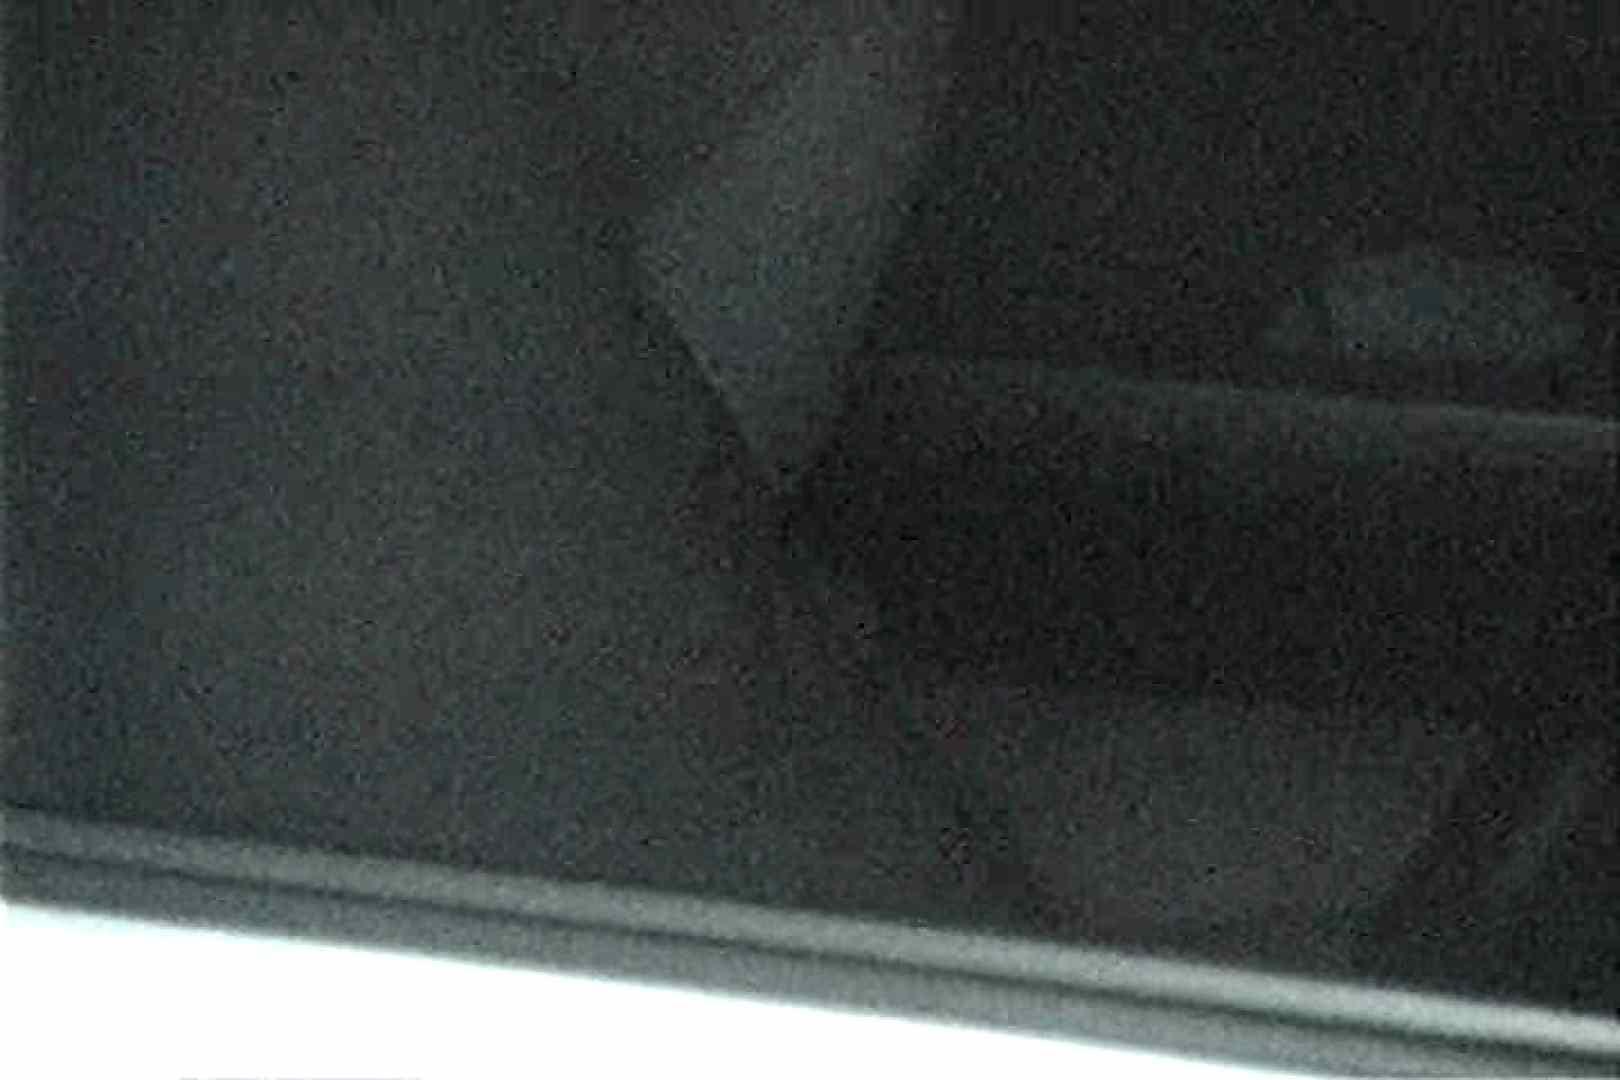 充血監督の深夜の運動会Vol.30 貧乳 のぞき動画キャプチャ 90連発 74